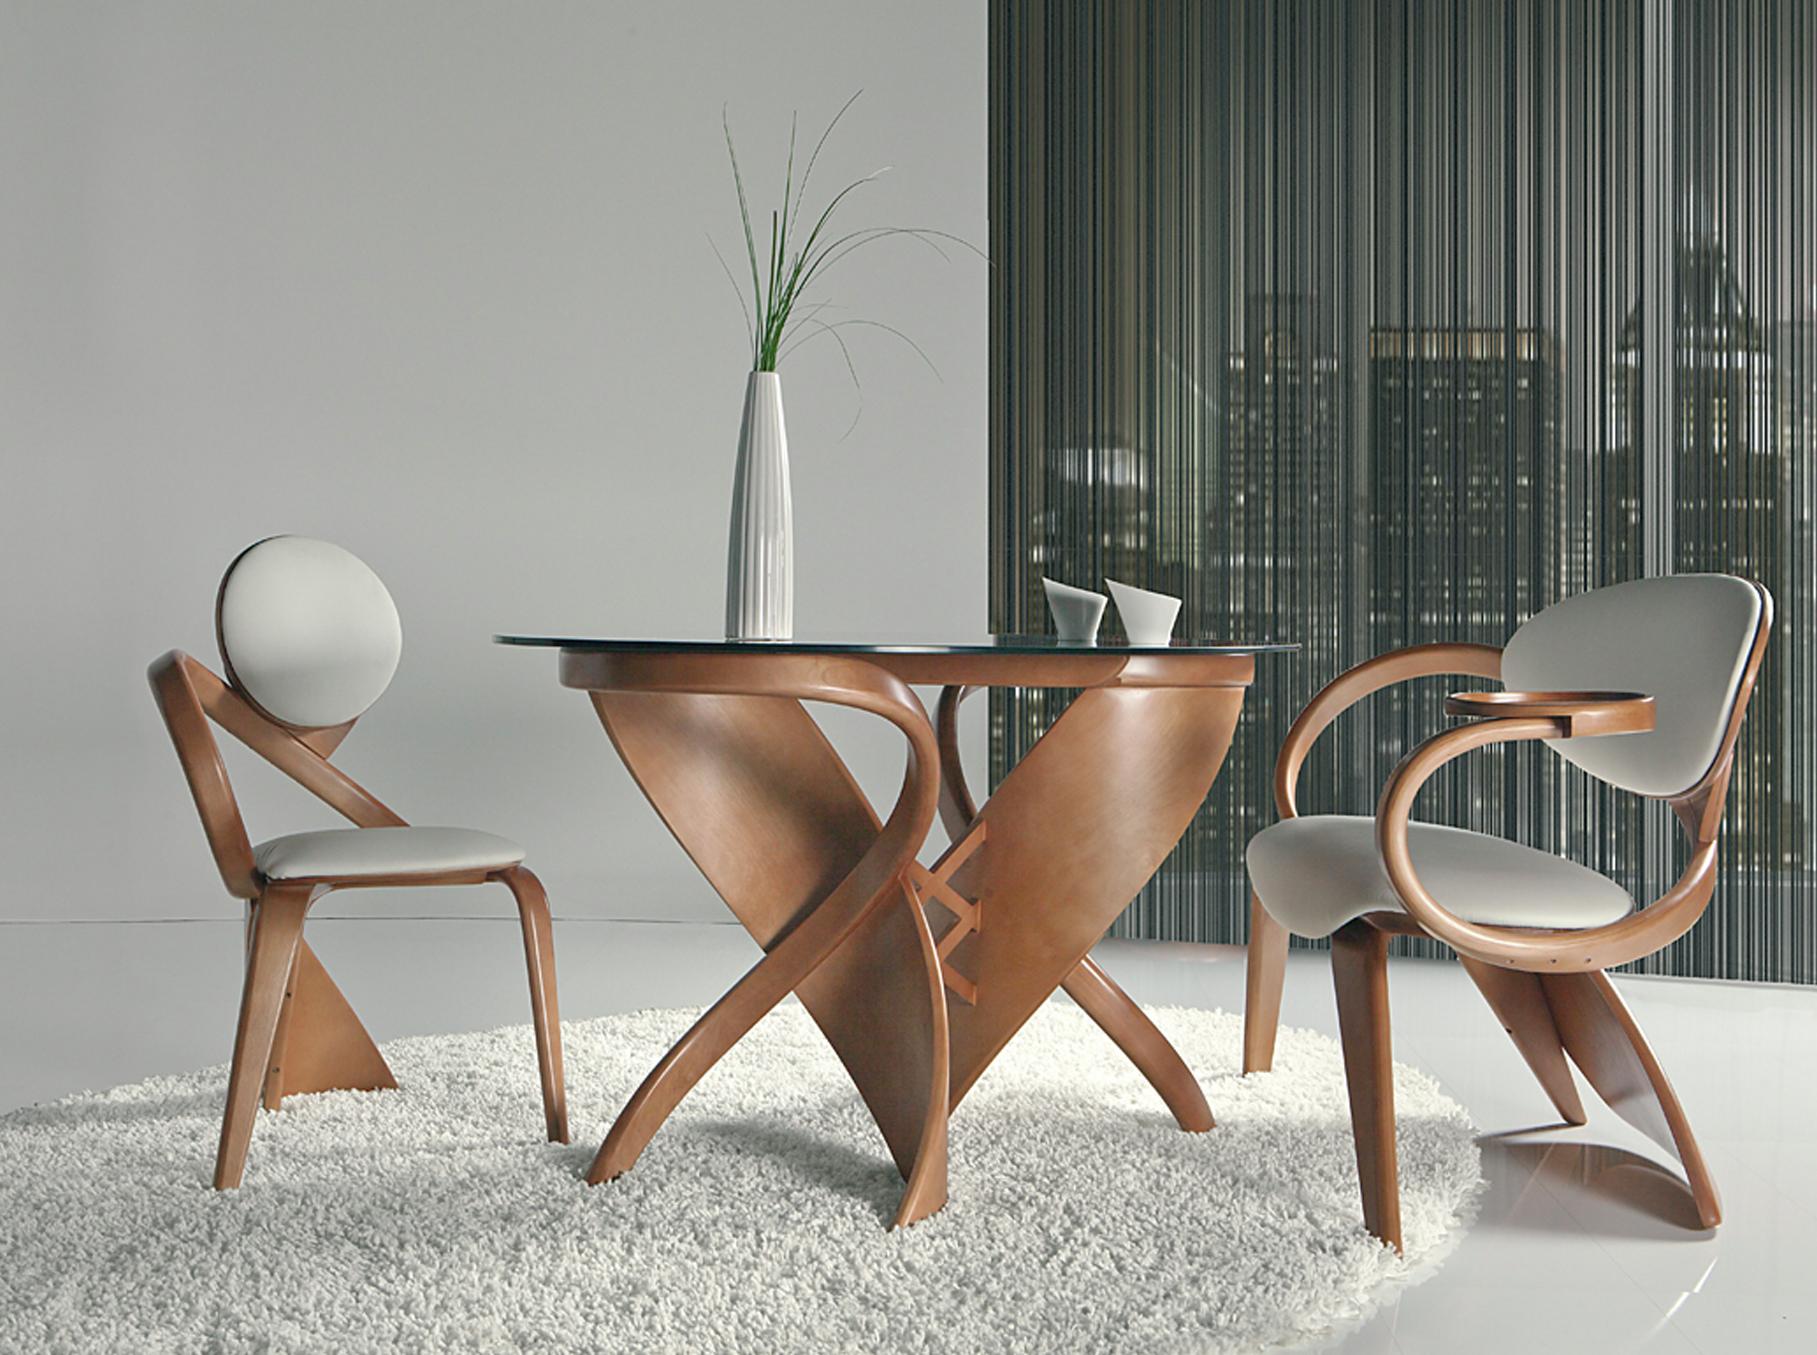 картинки дизайнерских стульев все